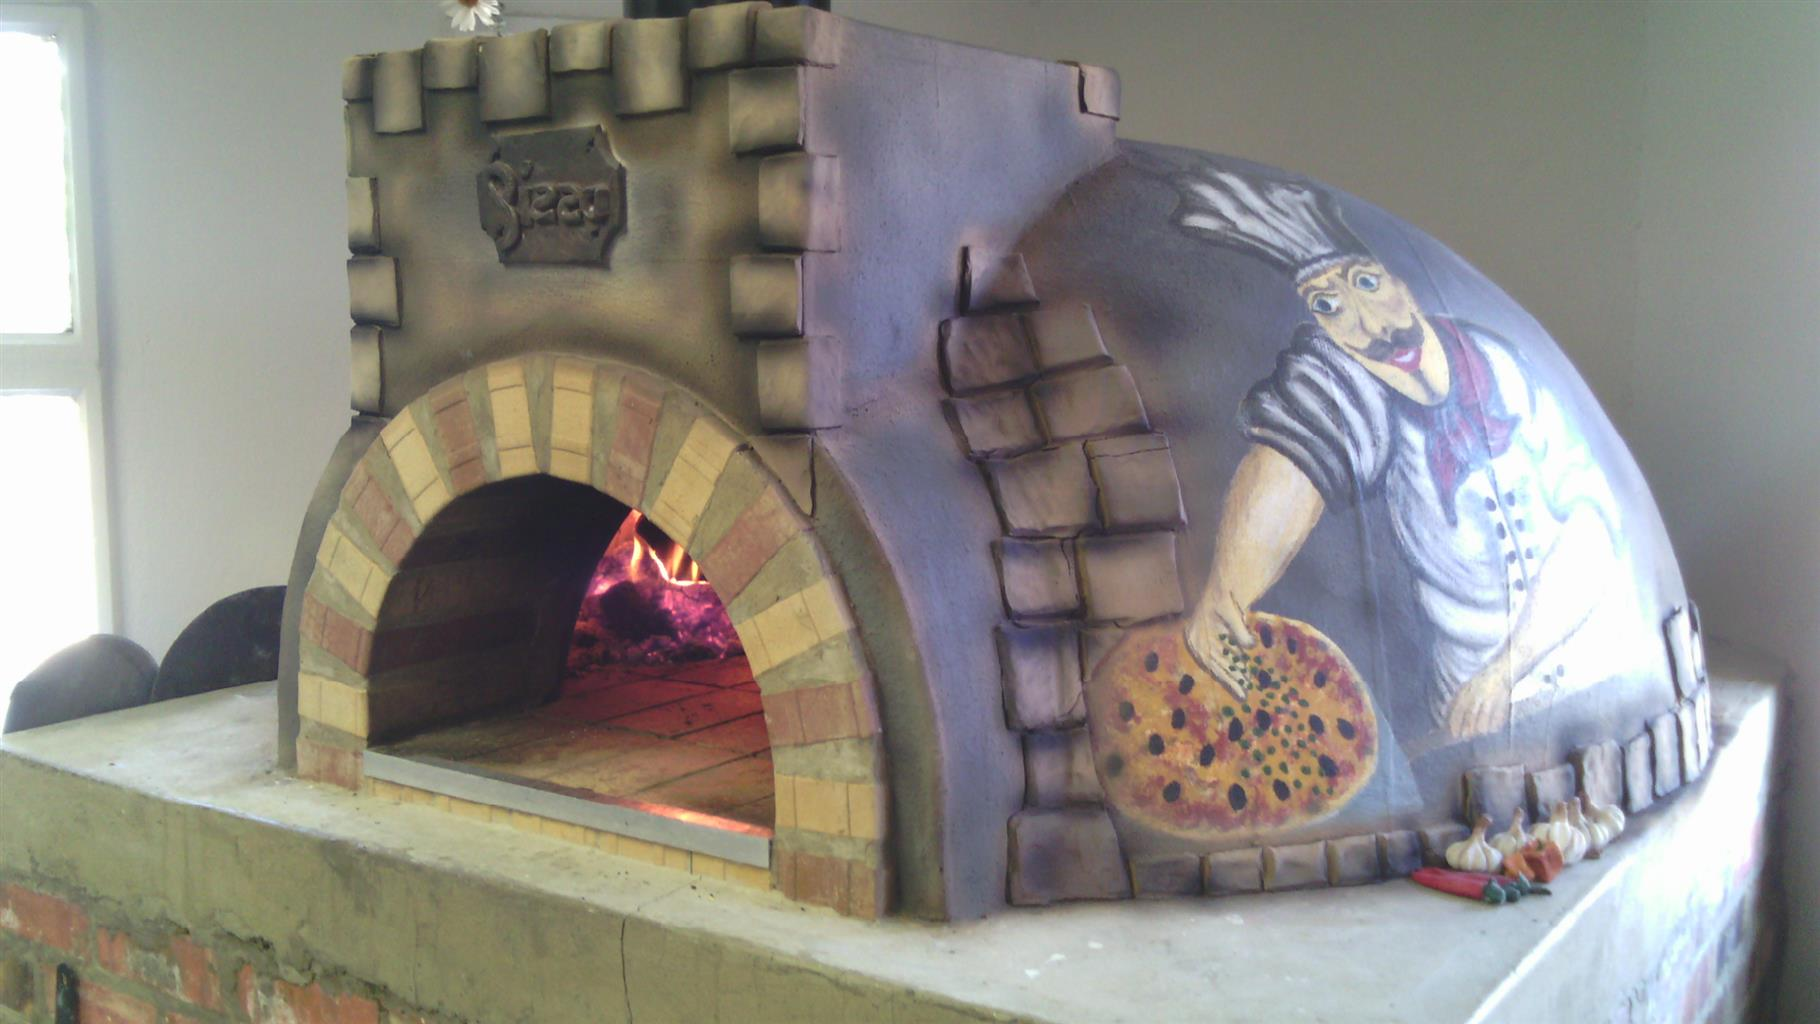 ITALIAN PIZZA OVENS